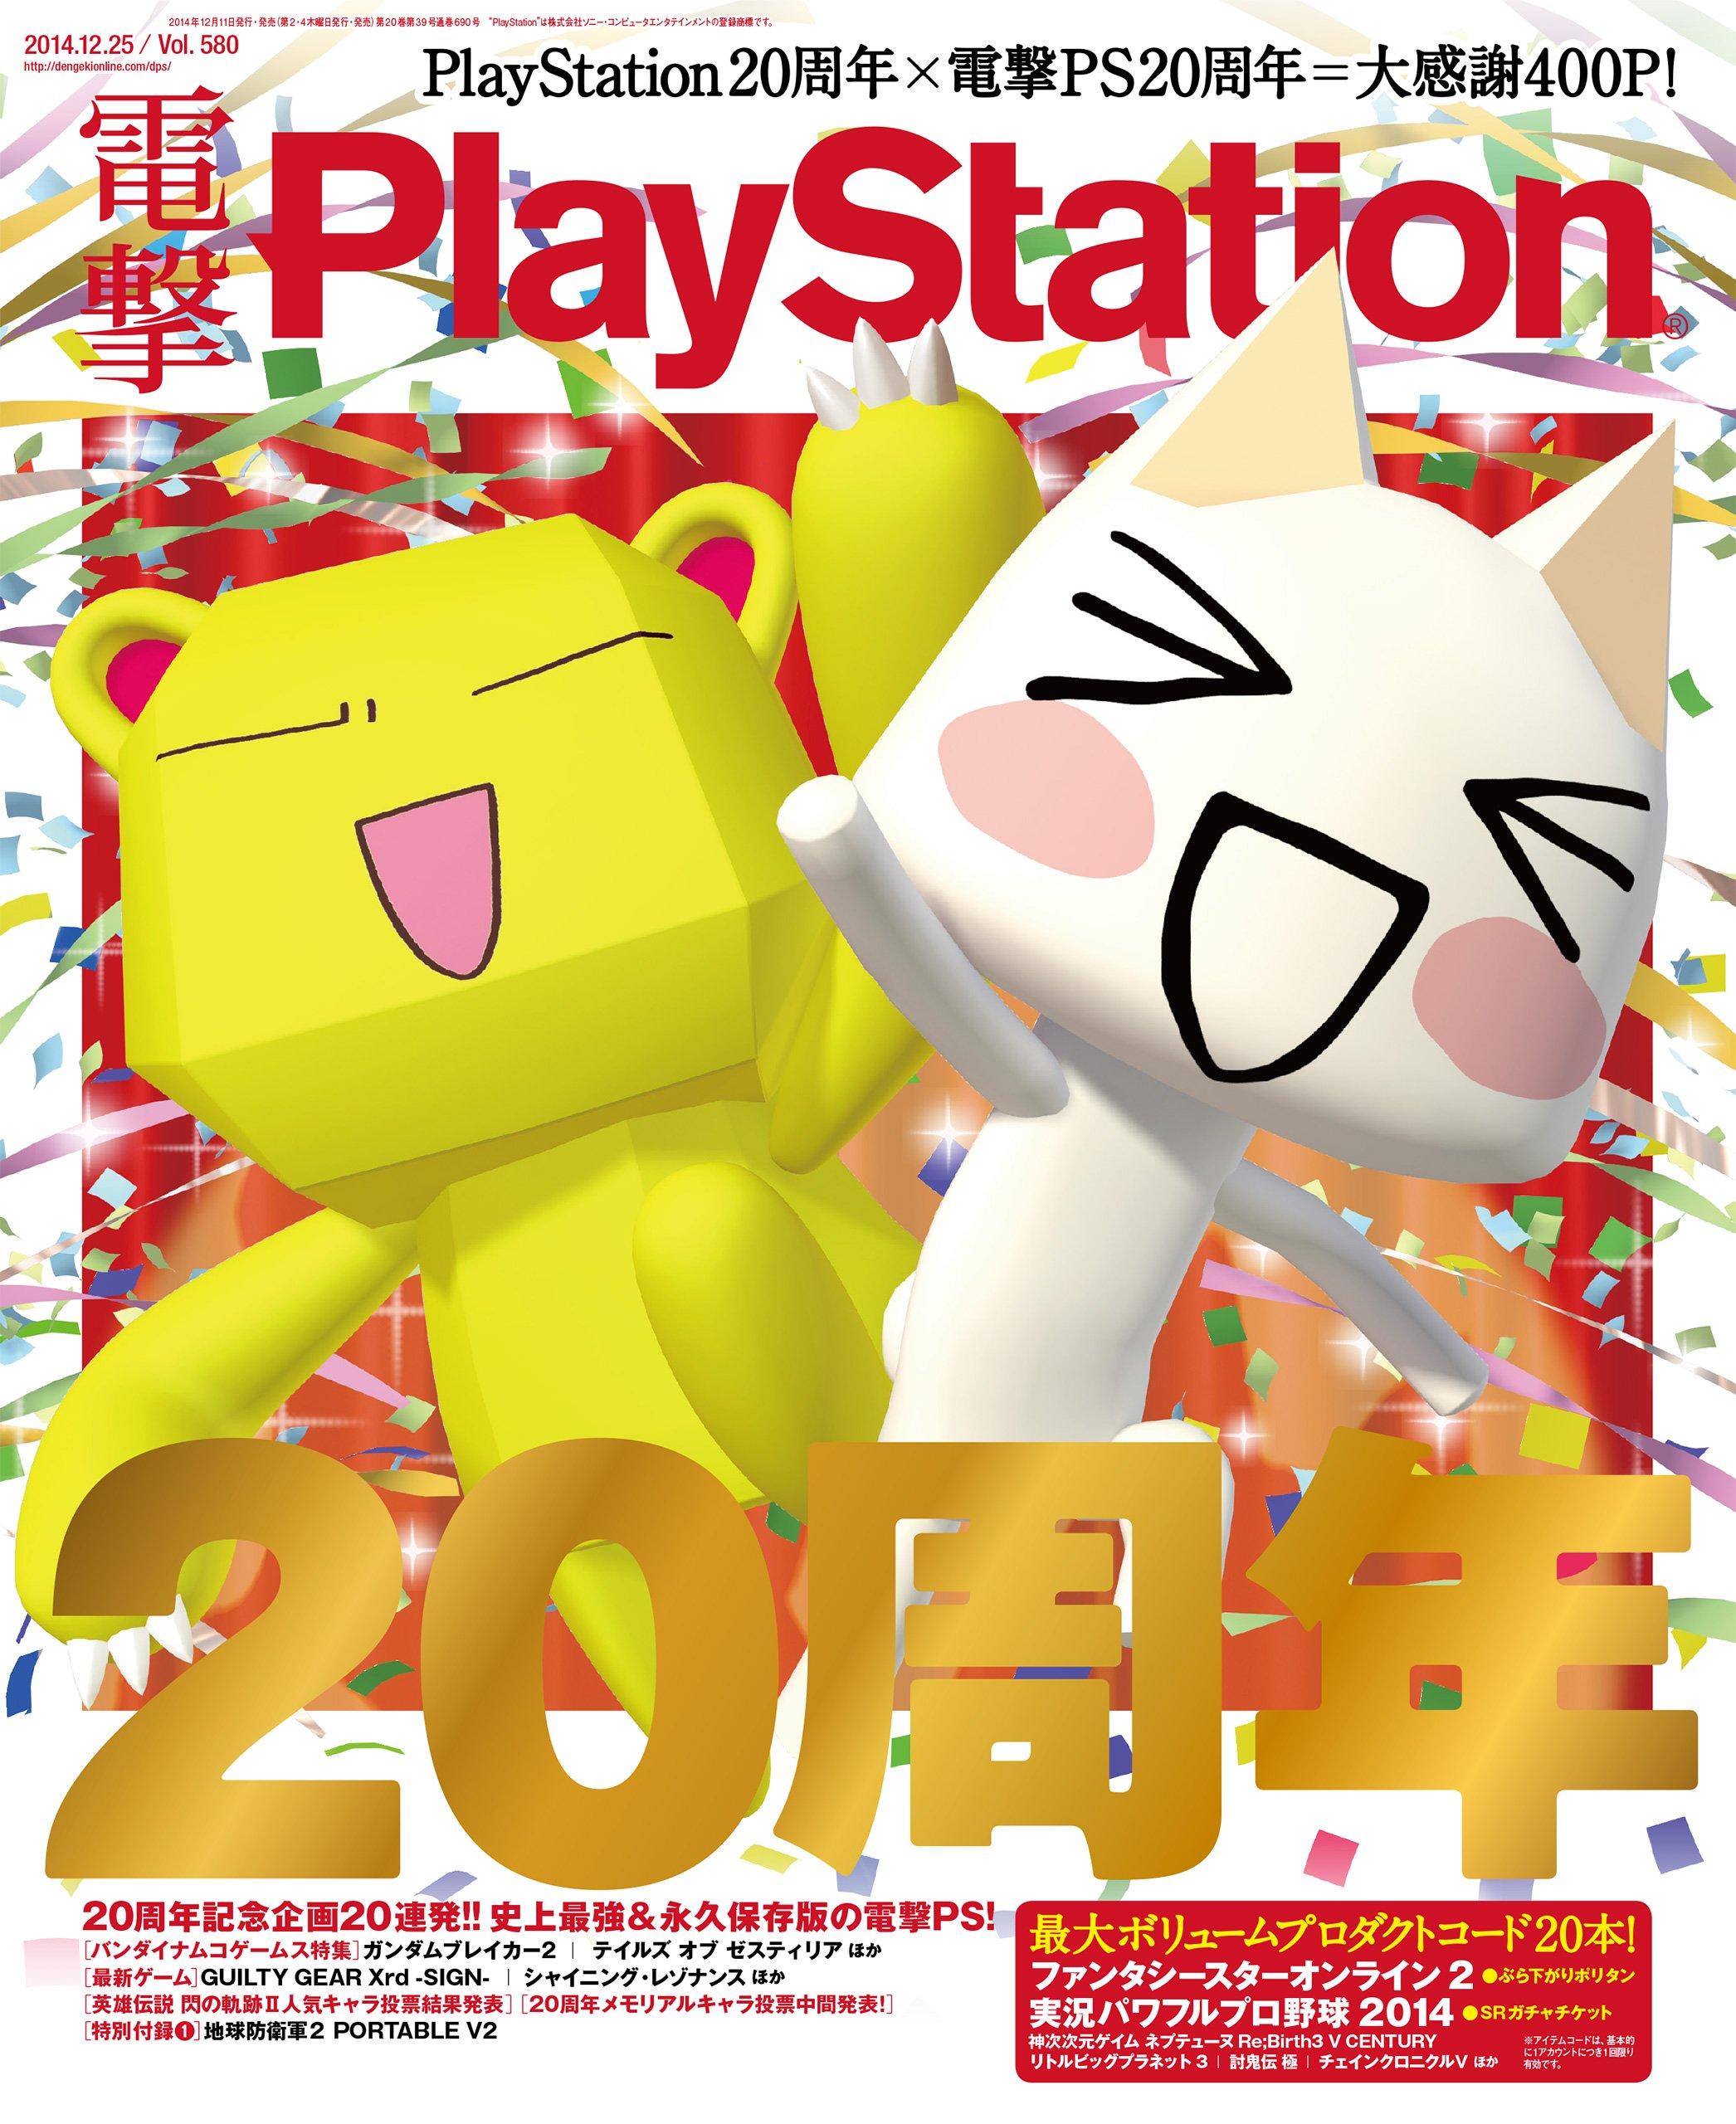 Dengeki PlayStation 580 (December 25, 2014)